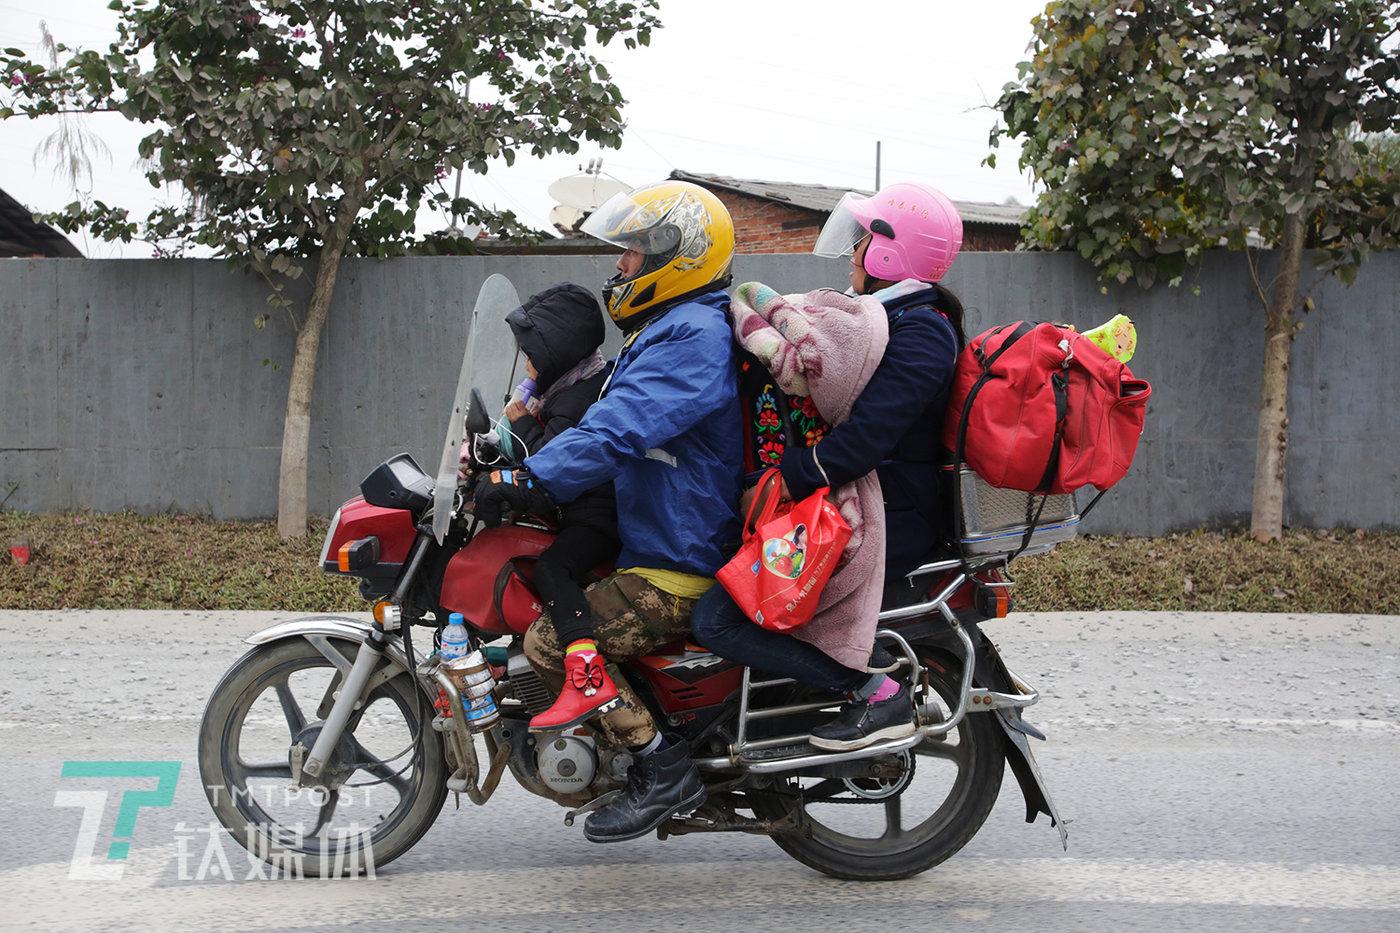 """1月26日,广西梧州,321国道上骑行回家的一家人。年初,我们跟随一名务工者从肇庆出发一路到南宁,记录了他的摩托回家路:《""""再累也要回家"""":17个小时行程700公里,一位骑摩托返乡人的回家路》"""